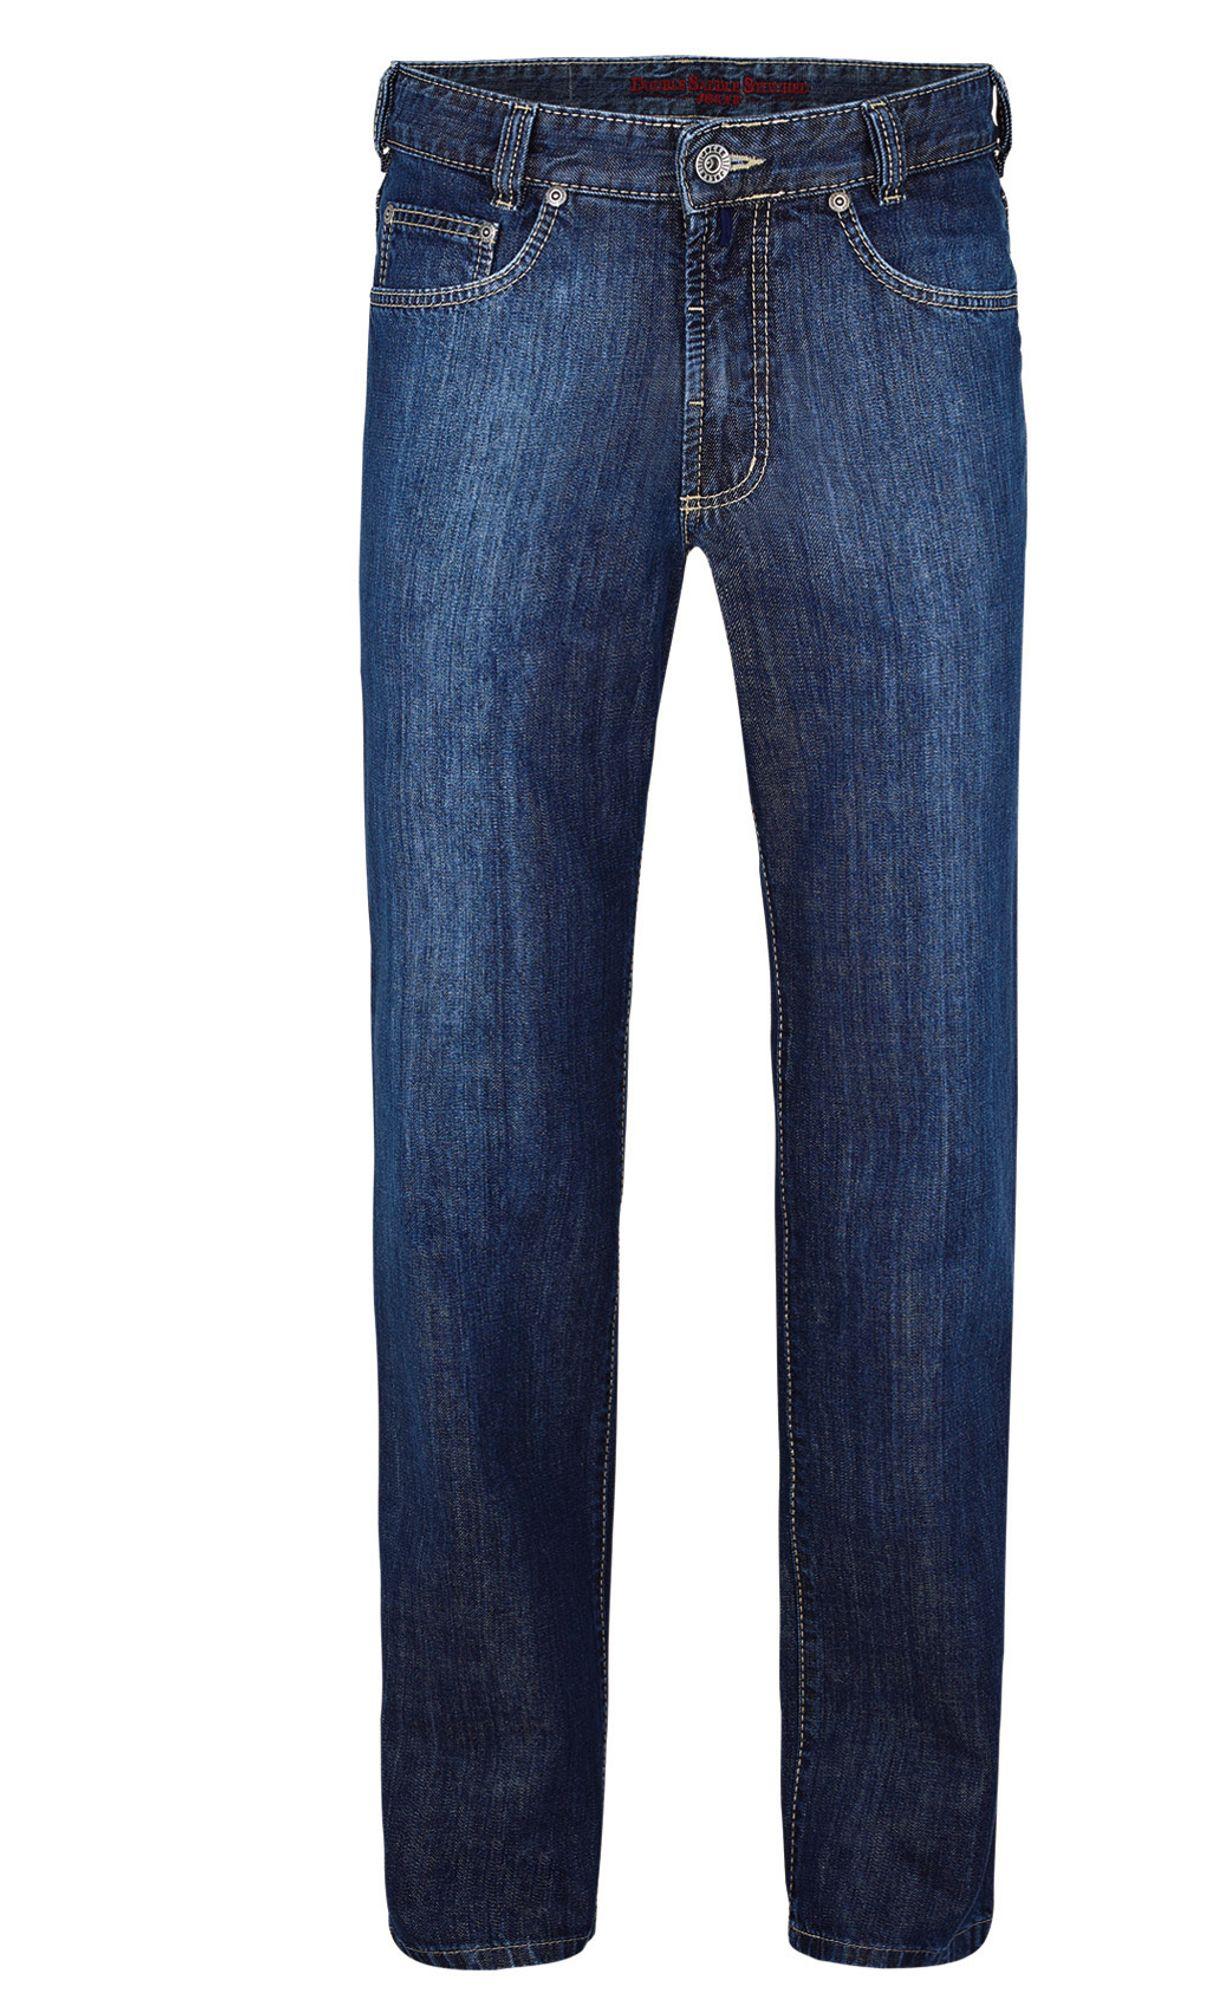 Pocket Bequeme Clark1282242 Artikel Joker Form Herren Jeans 5 W9YDHIeE2